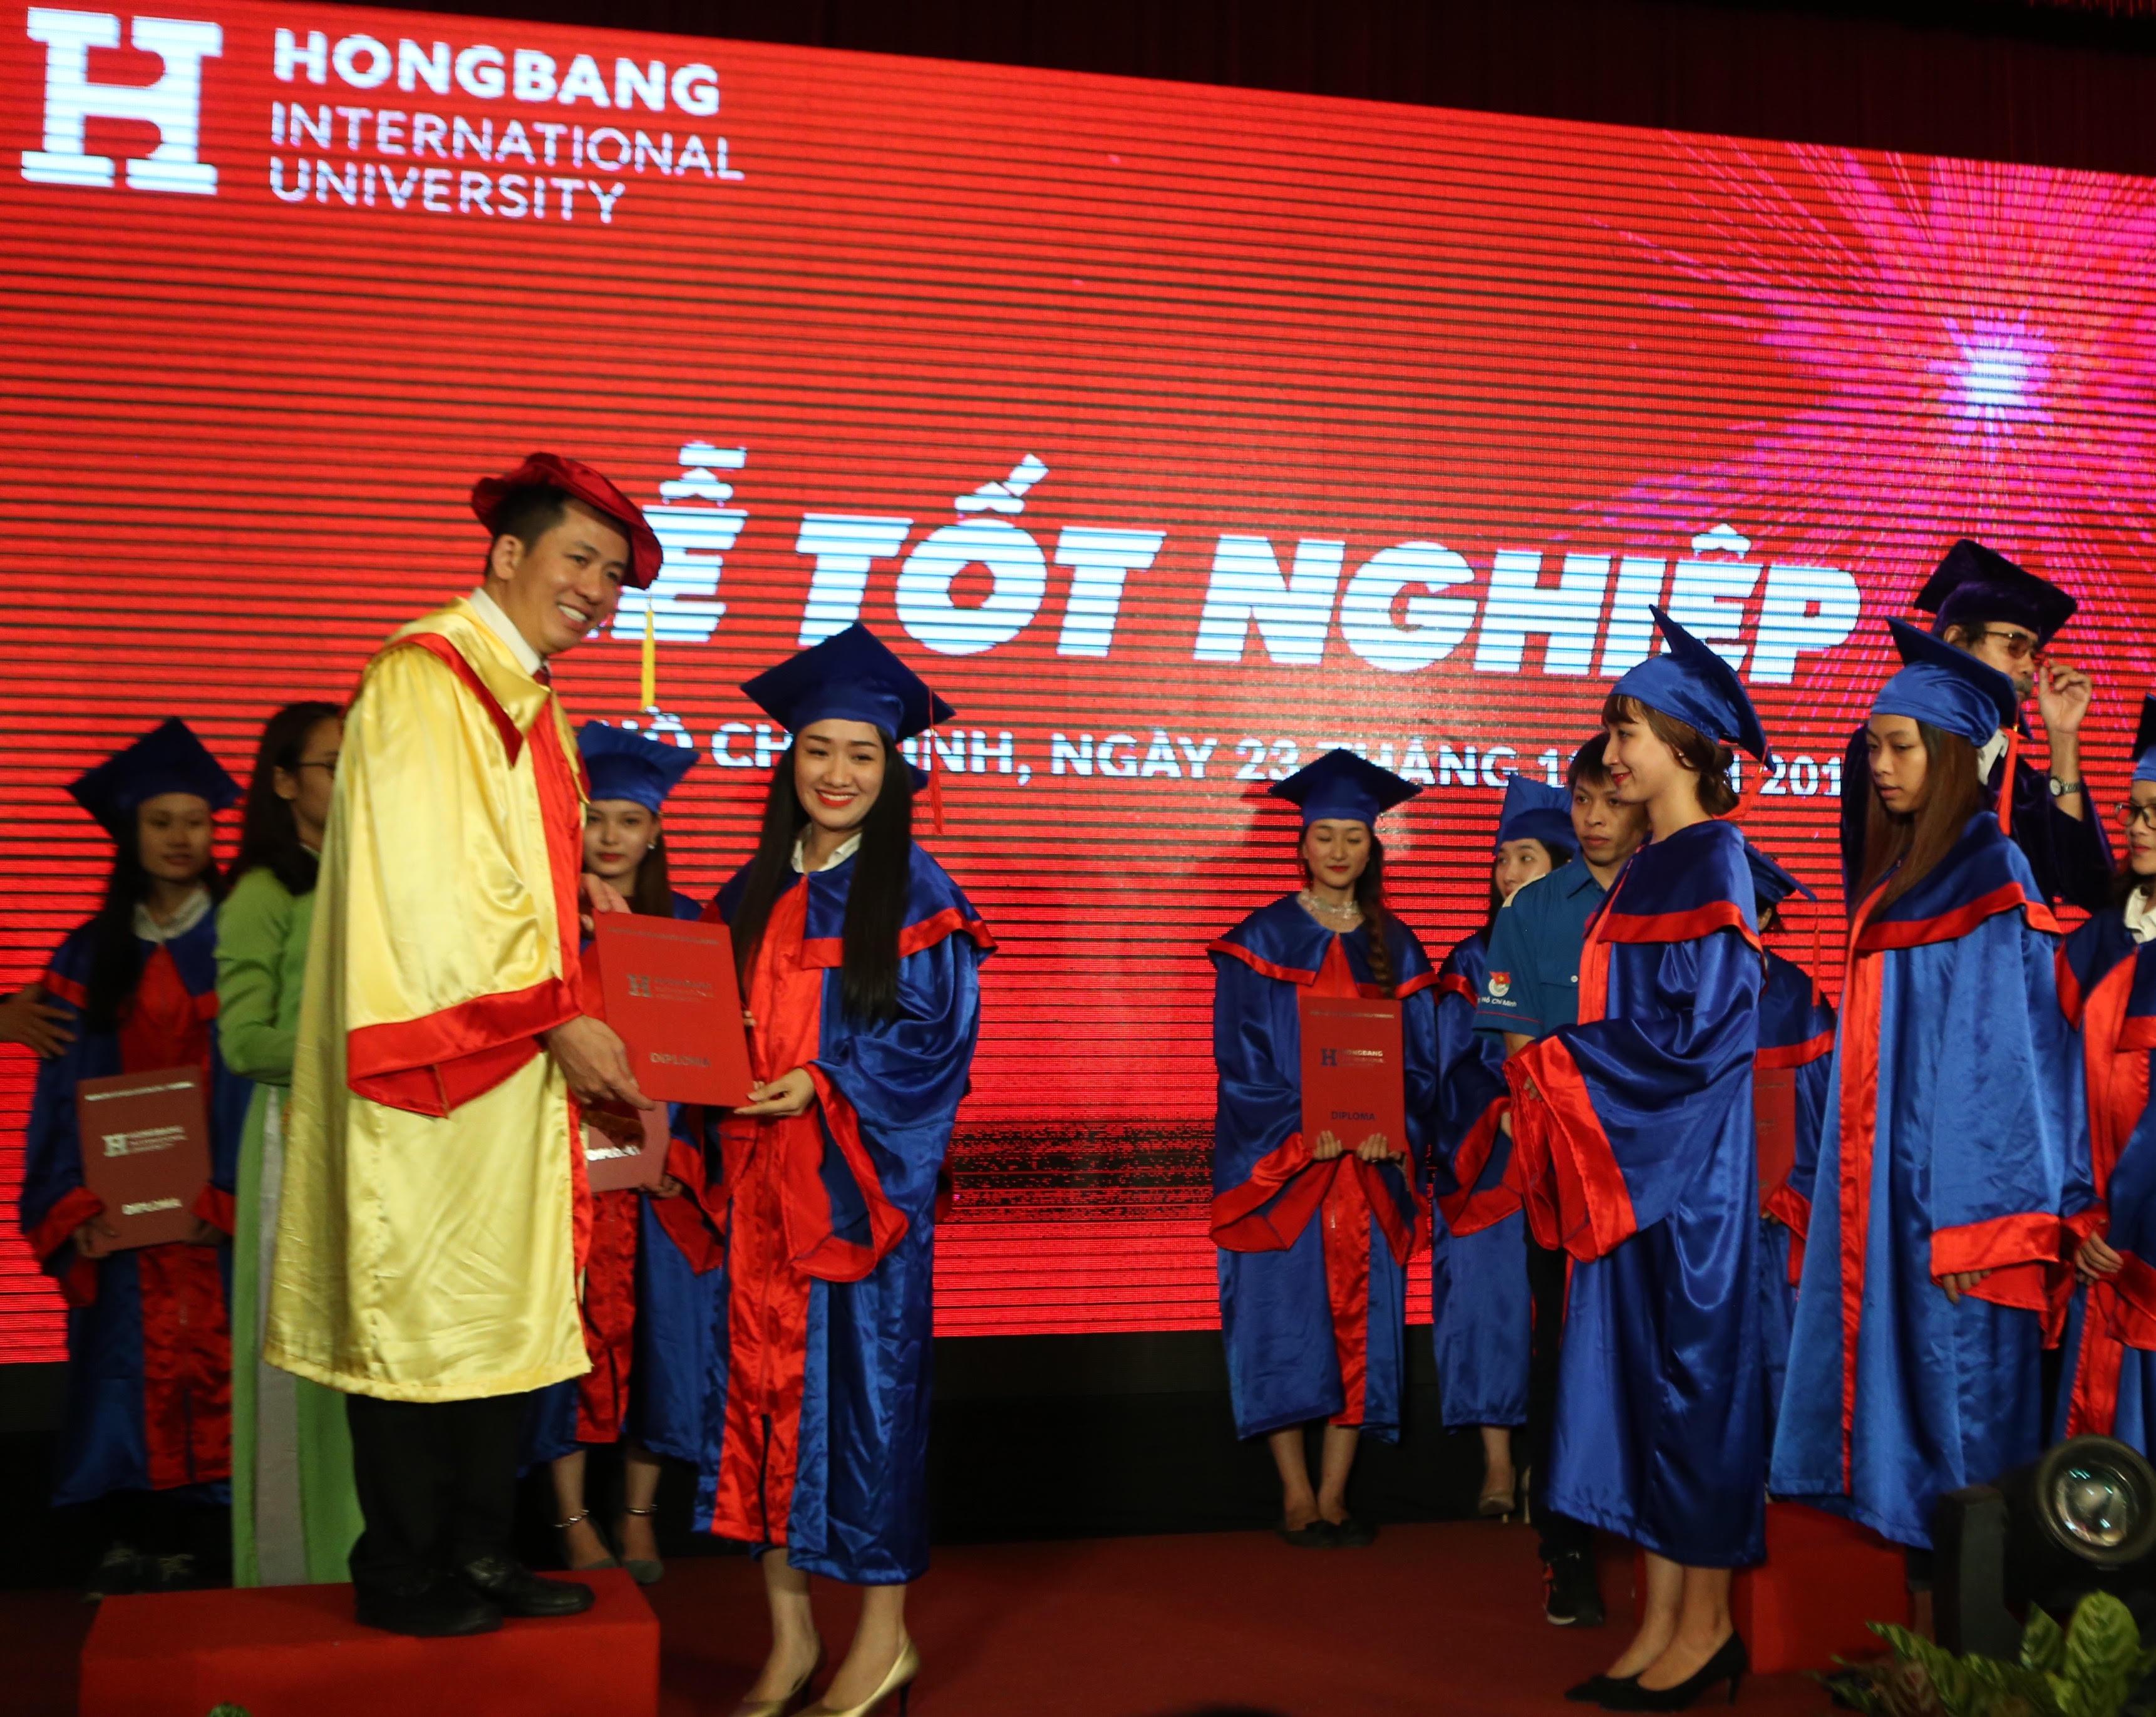 dhqt-hong-bang-1482489422839